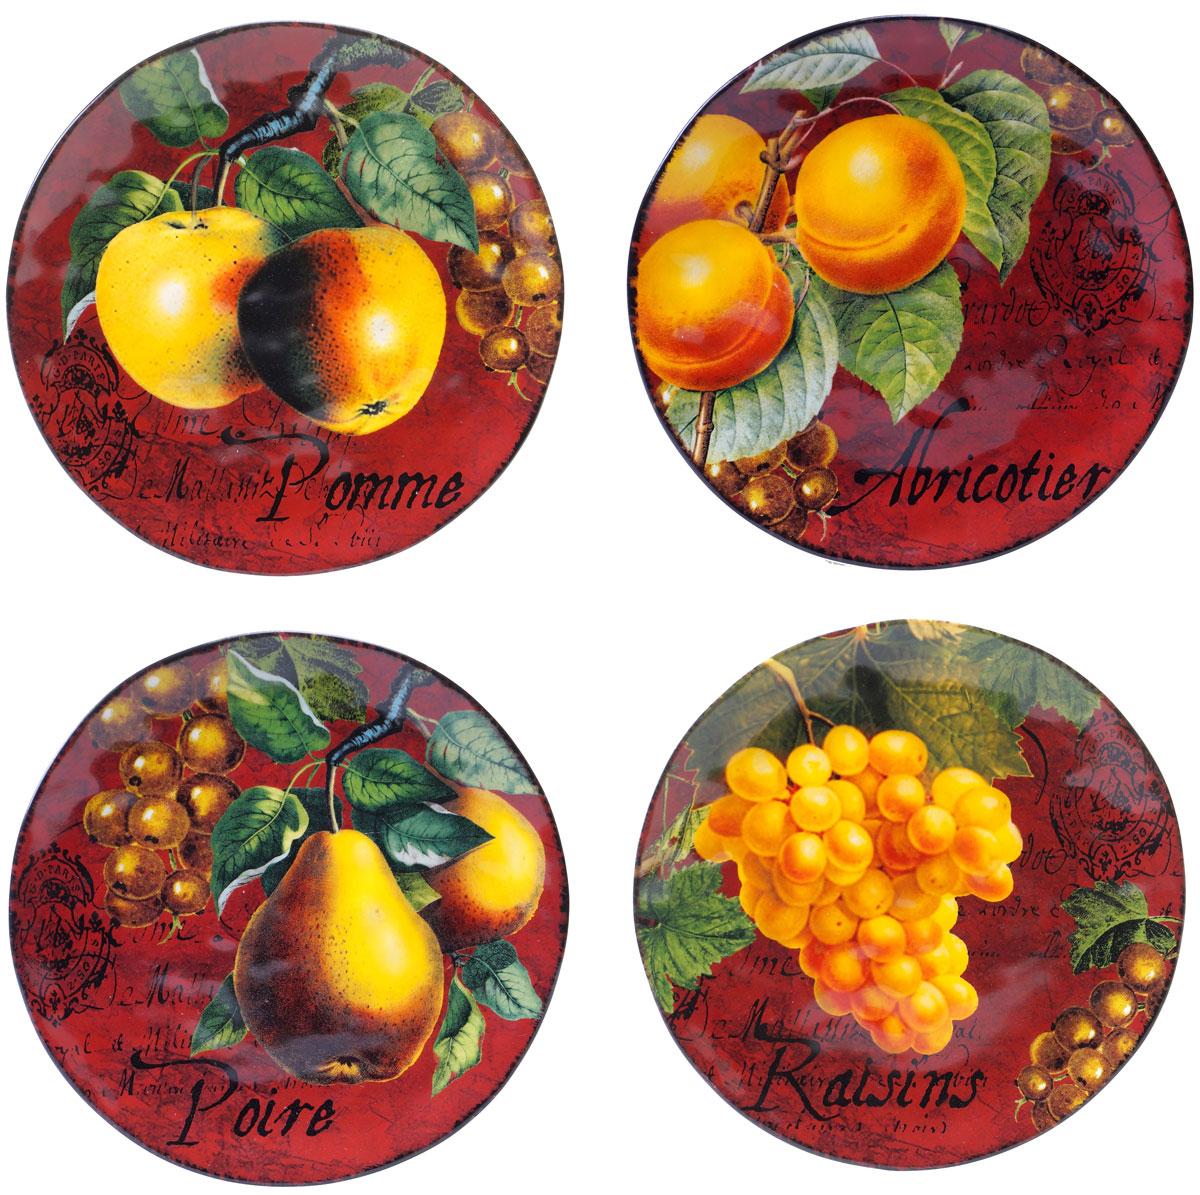 """Набор Certified International """"Фрукты"""" состоит из 4 тарелок, изготовленных из высококачественной  керамики, которая отличается практичностью и высоким качеством исполнения. Посуда  расписана вручную и покрыта глазурью, выполнена из экологически чистых материалов, что  обеспечивает сохранение отменного вкуса блюд. Эта керамическая посуда химически инертна, не  вступает в реакцию с пищей, не выделяет вредных веществ при перегреве.  Такой набор прекрасно оформит праздничный стол и станет замечательным сувениром к Новому  году. Можно мыть в посудомоечной машине и использовать в микроволновой печи."""